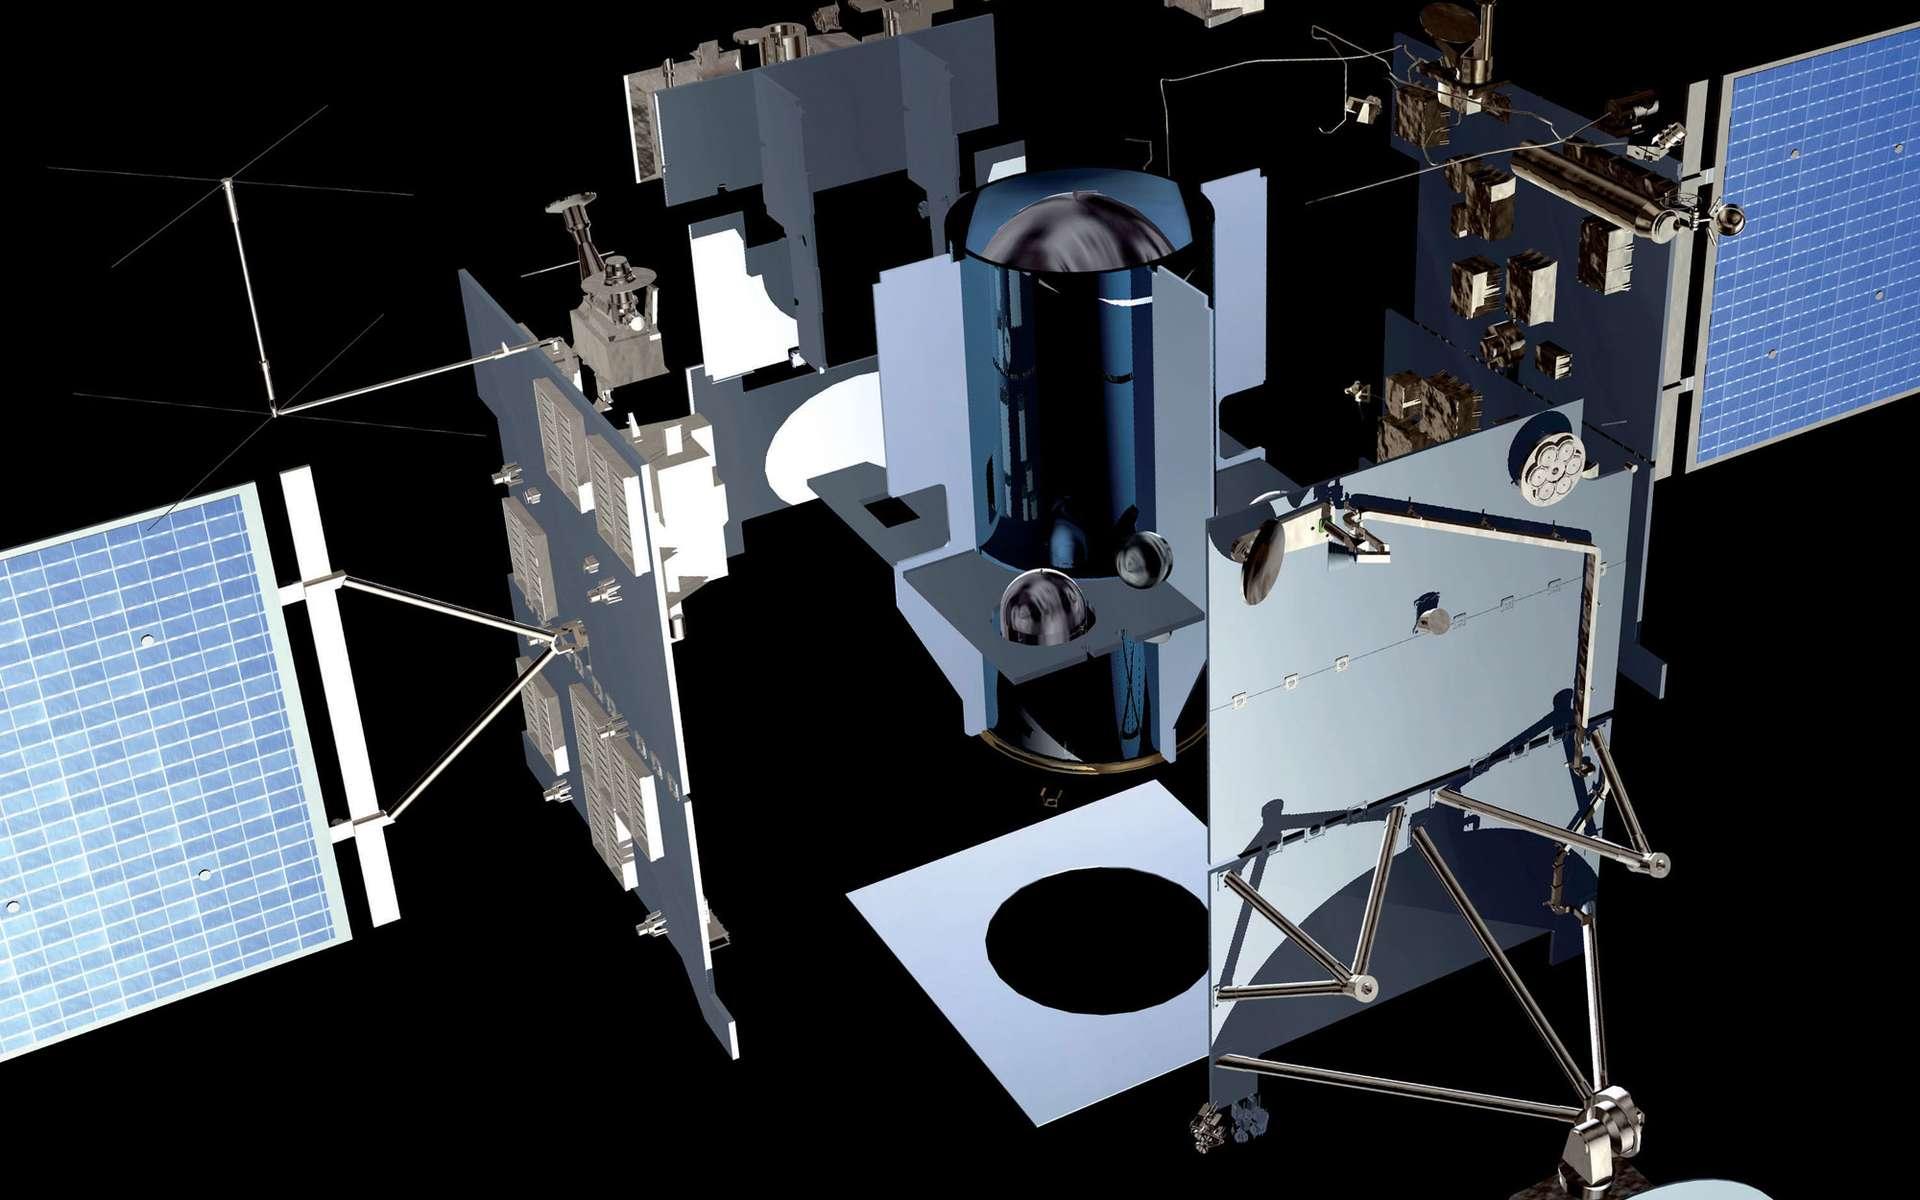 Éclaté de la sonde Rosetta. Les senseurs stellaires sont les deux cônes qui pointent vers les étoiles, tout en haut de l'éclaté. La centrale inertielle et les roues de réaction n'apparaissent pas à l'image. © Esa